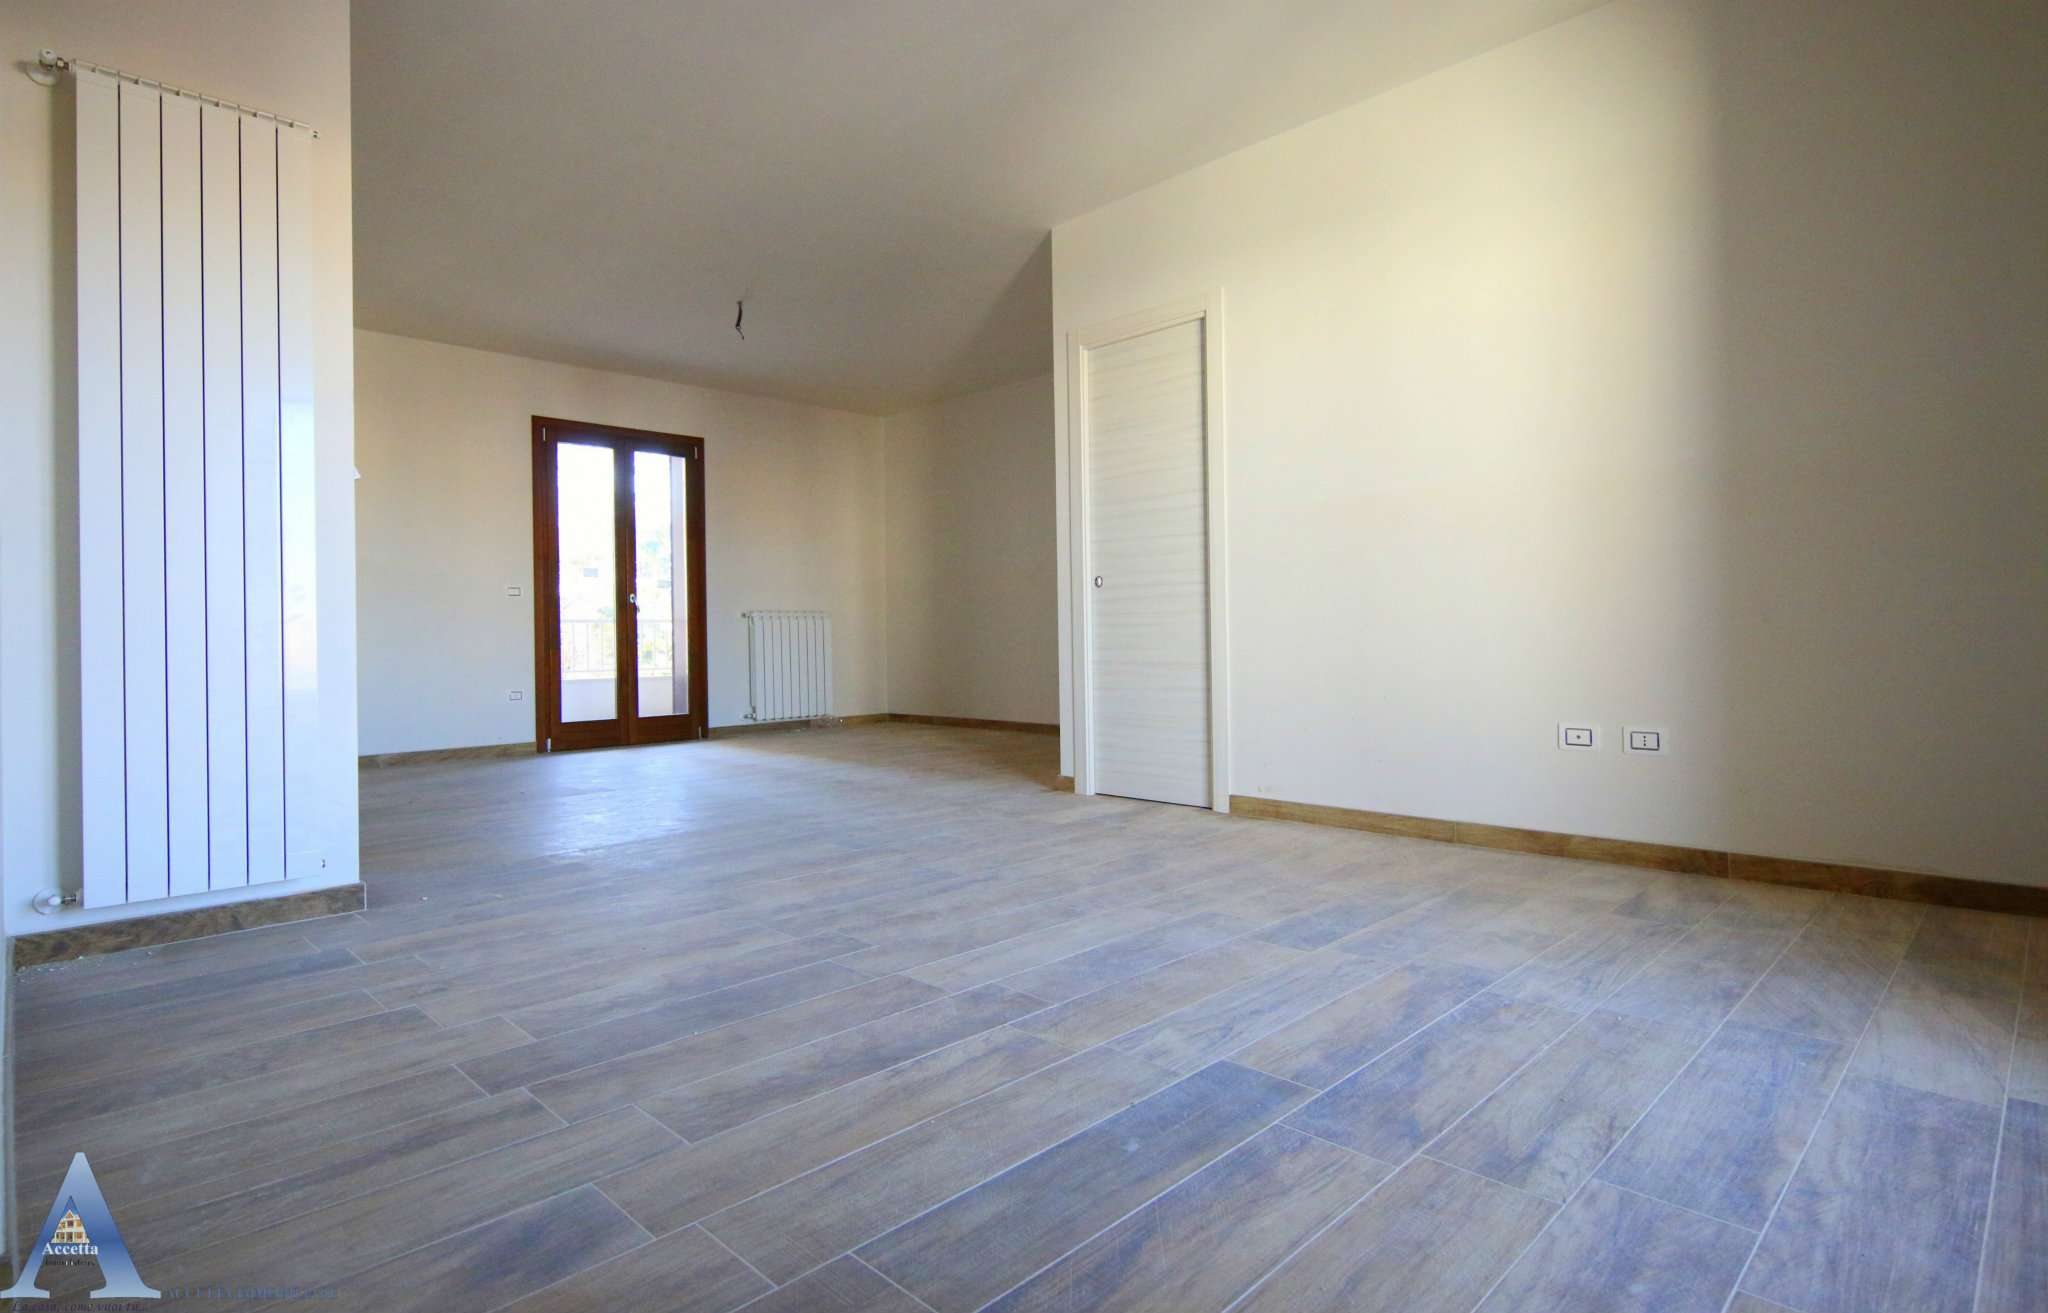 Appartamento in vendita a Taranto, 4 locali, prezzo € 148.000   CambioCasa.it